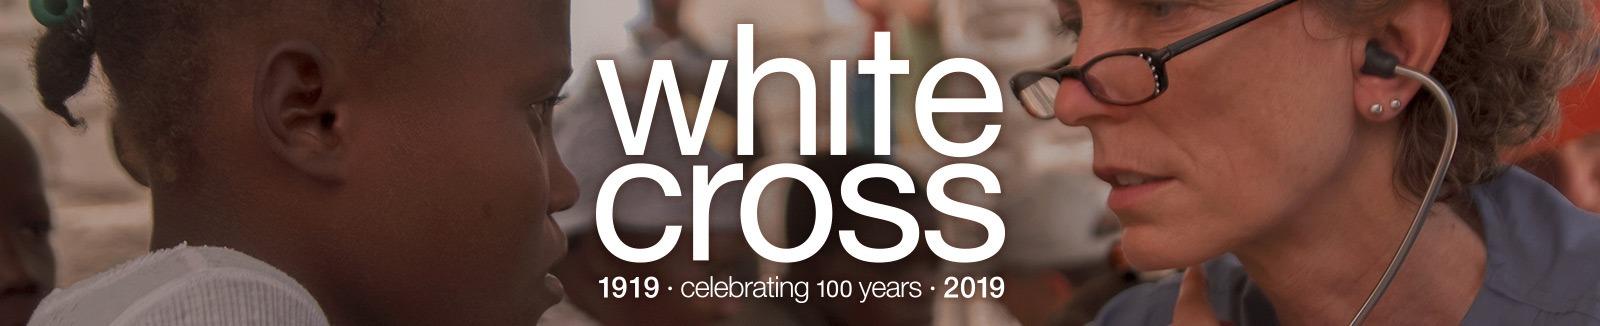 White Cross - celebrating 100 years